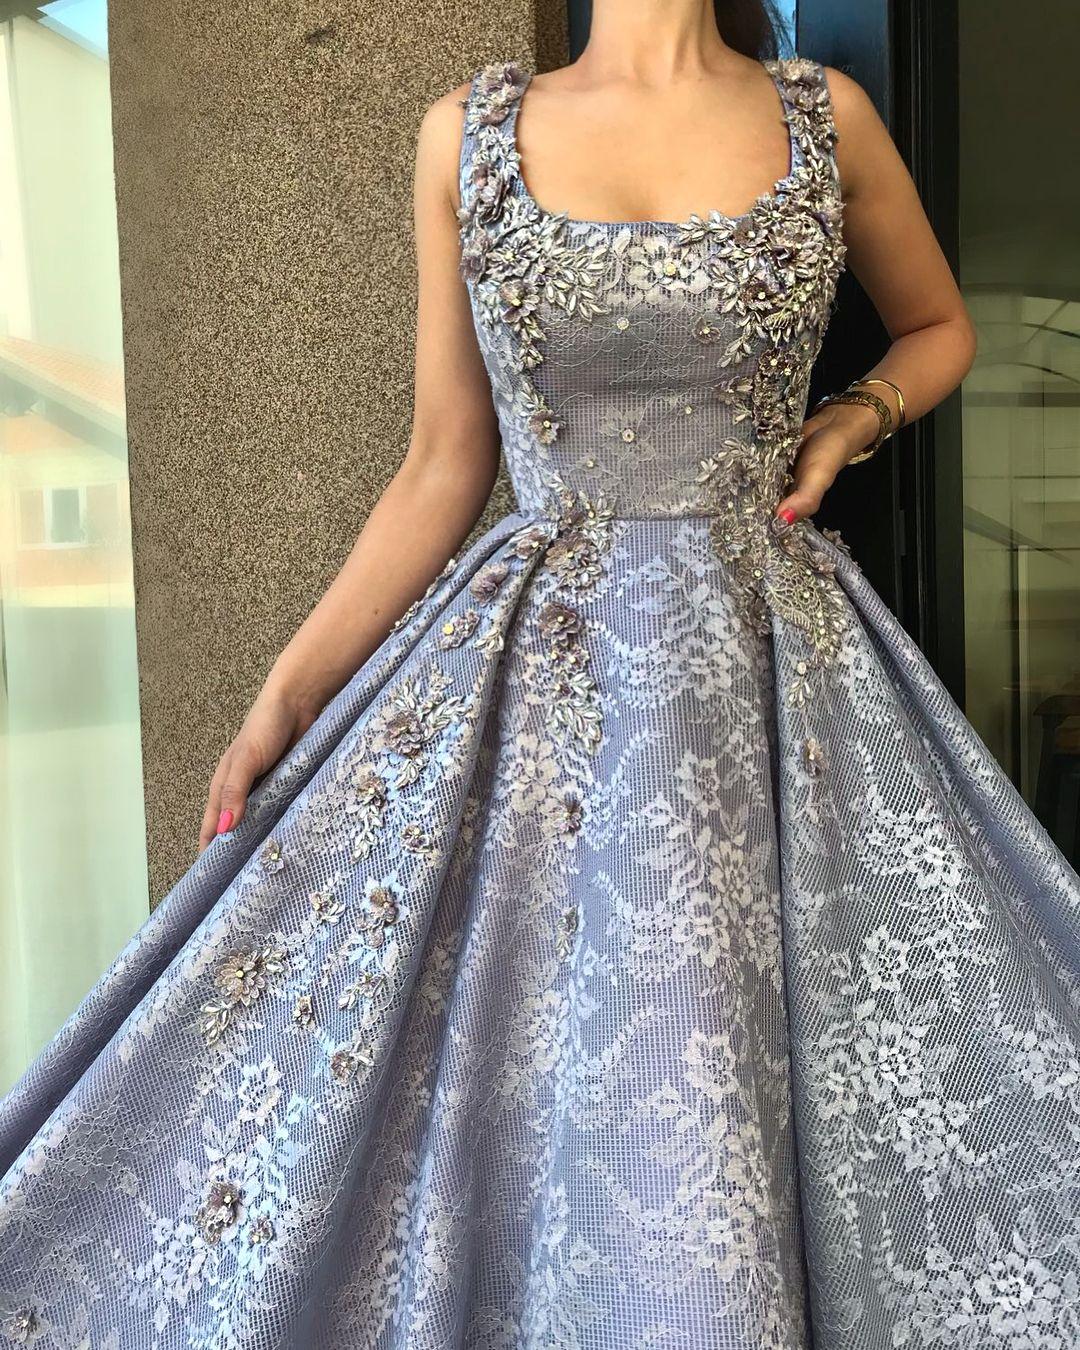 teutamatoshiduriqi Royal Dresses e27a4ca46dc9